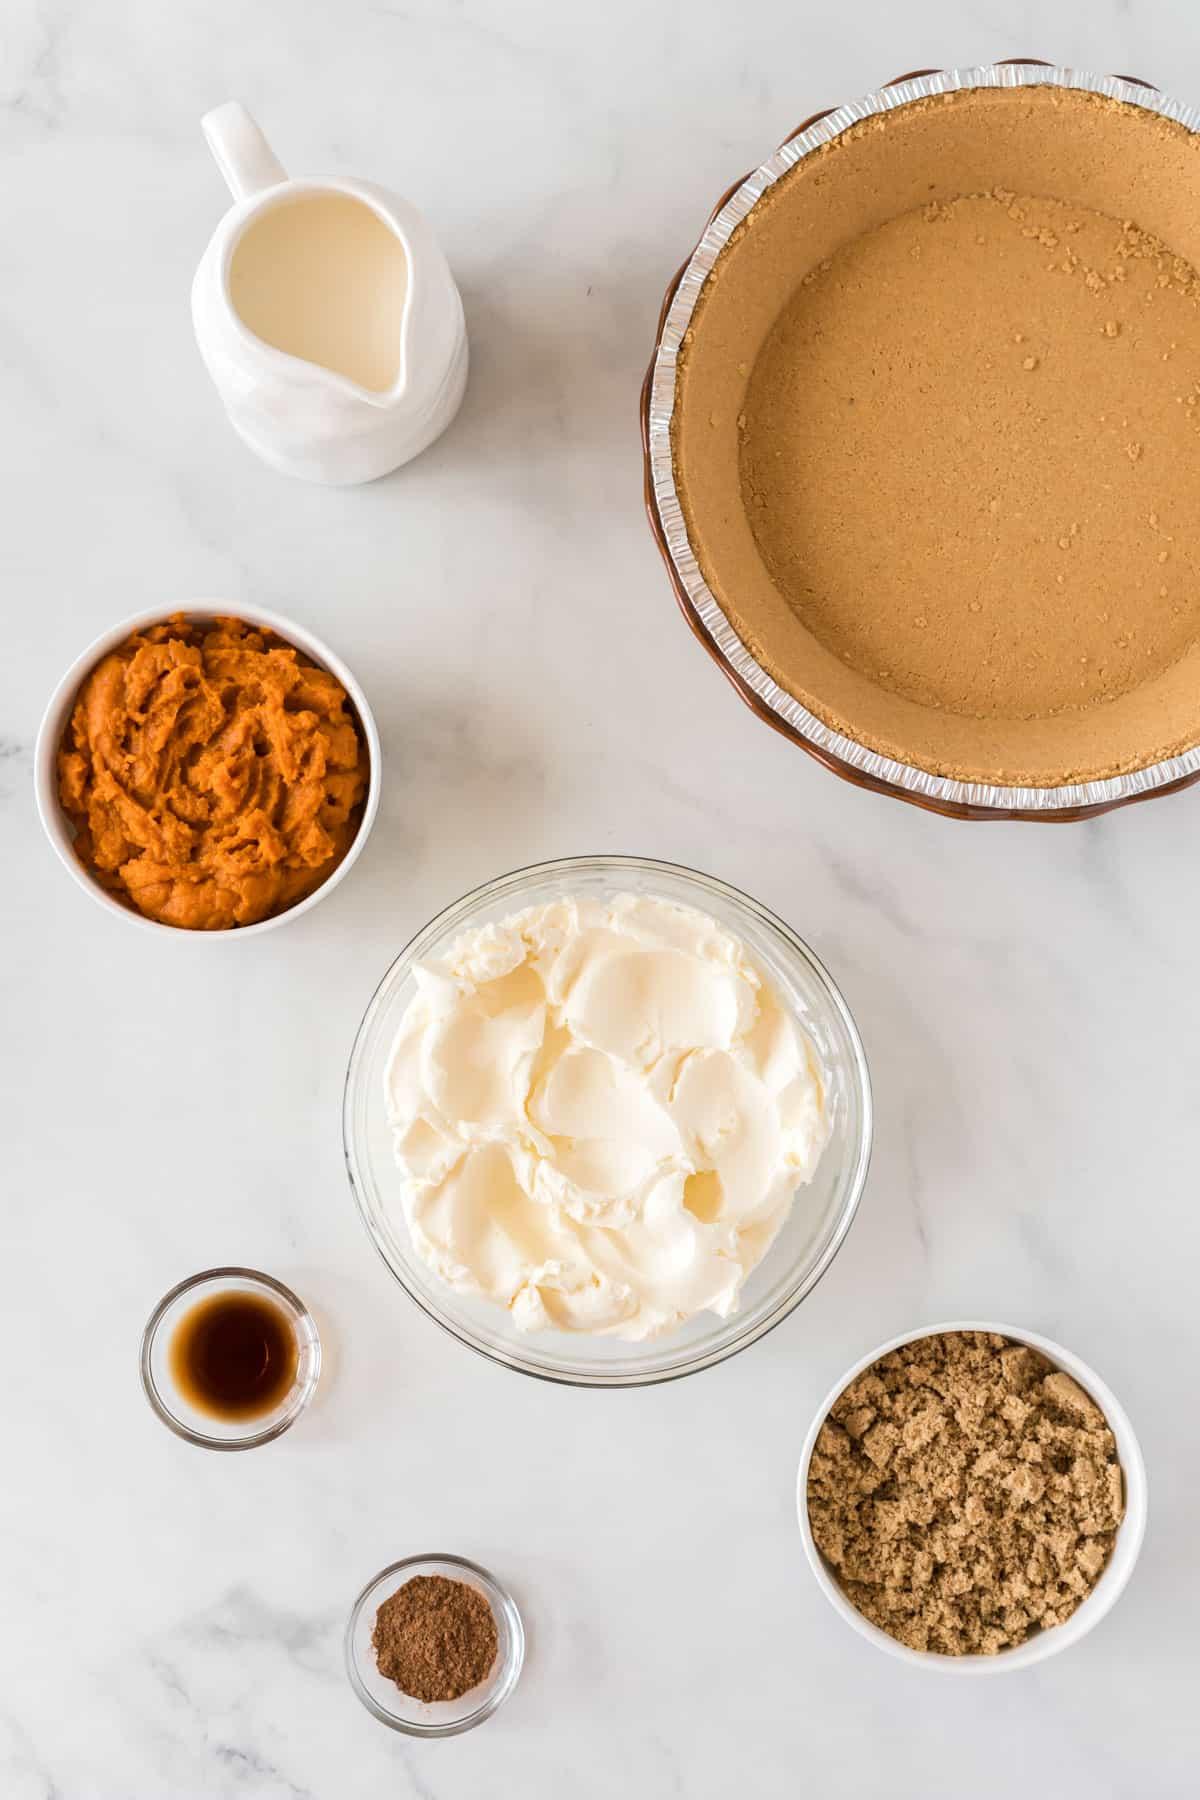 ingredients to make pumpkin cream pie